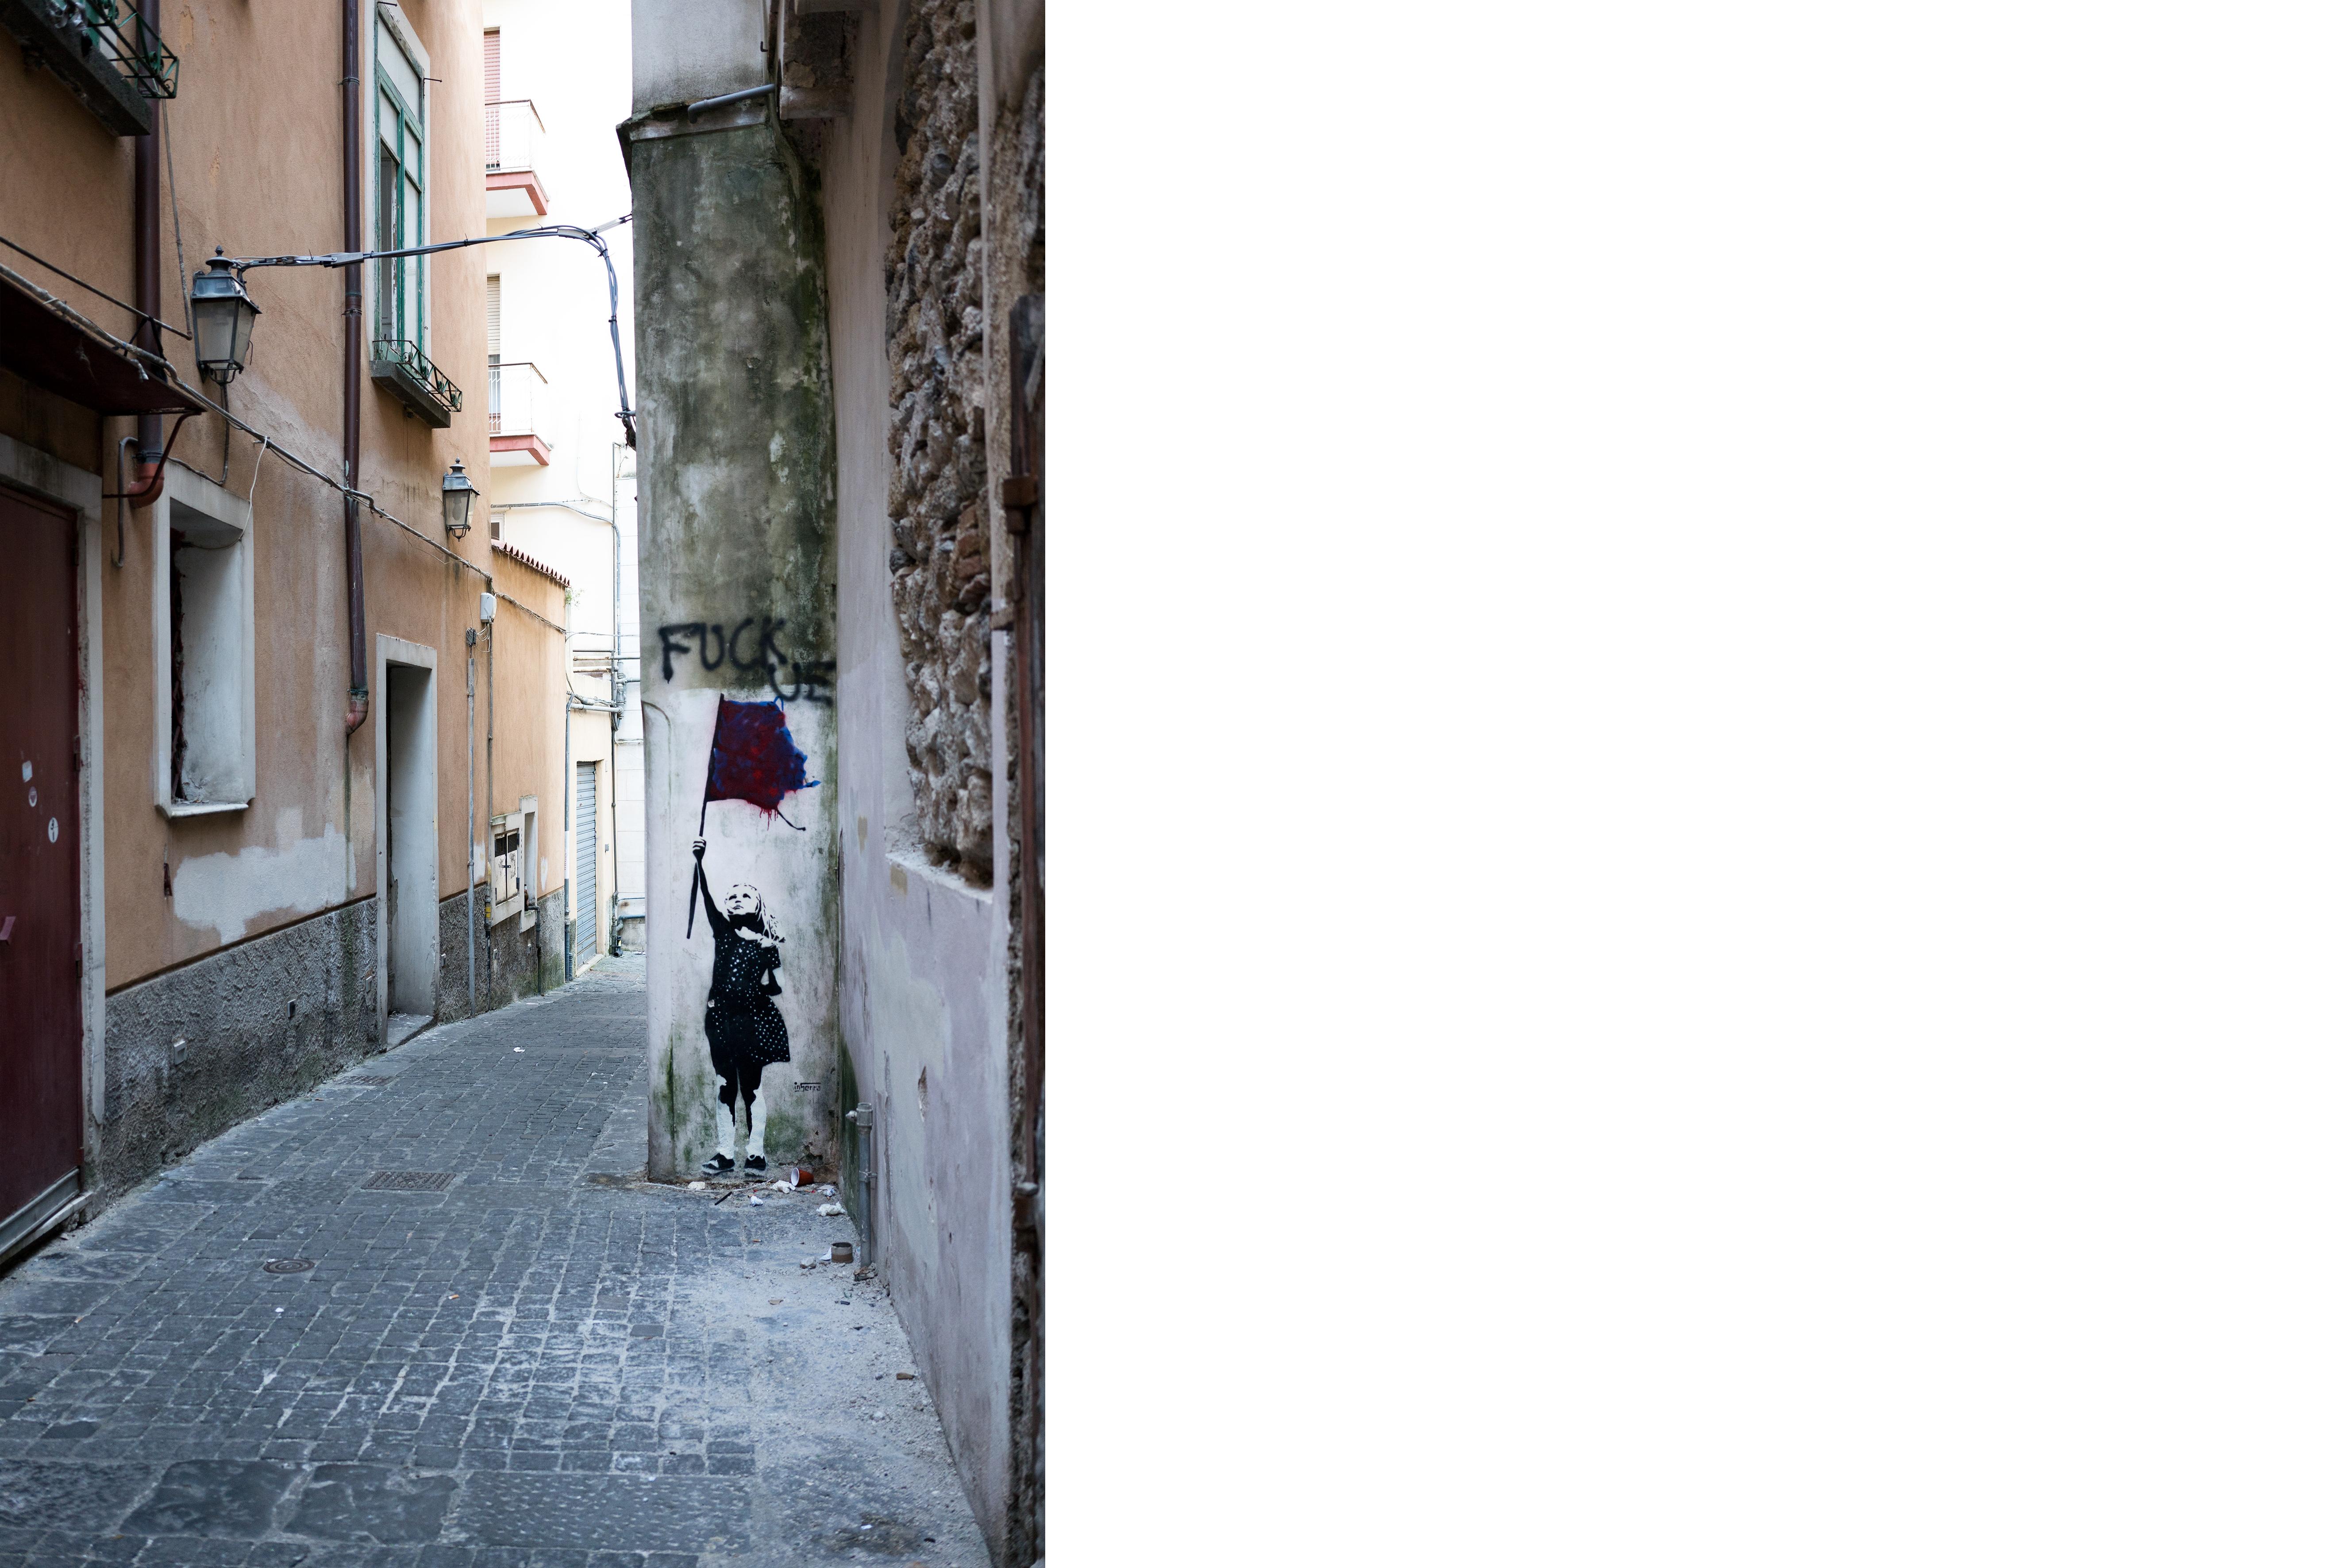 017_Around_Mount_Vesuvius_©_Joanna_Vortmann